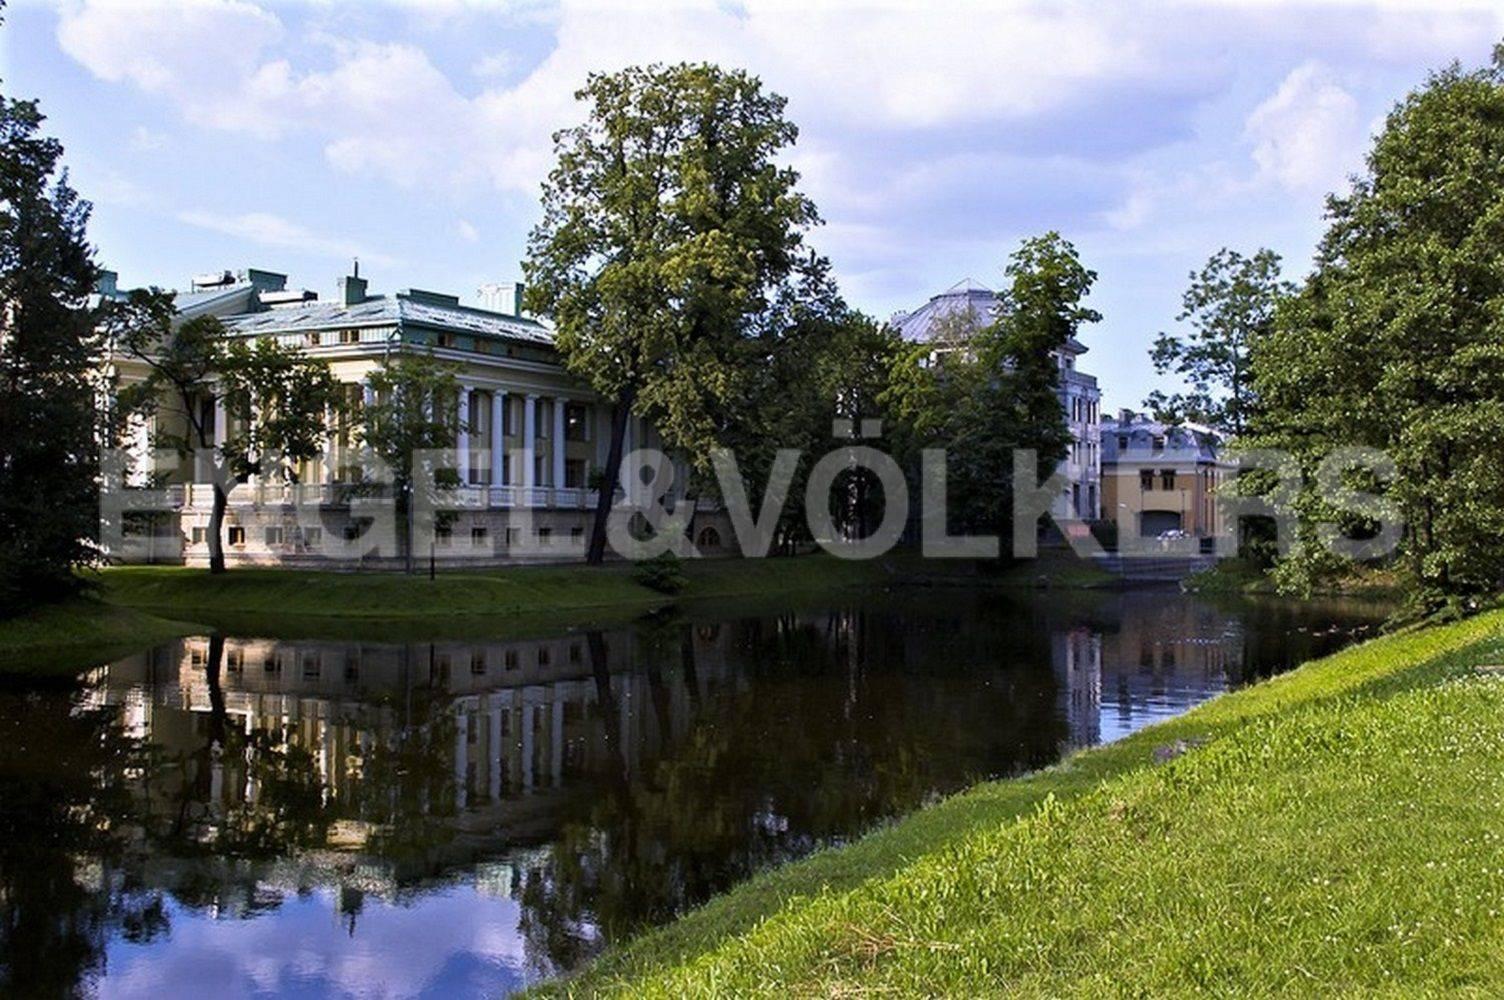 Элитные квартиры на . Санкт-Петербург, Константиновский, 23. Большой канал Каменного острова